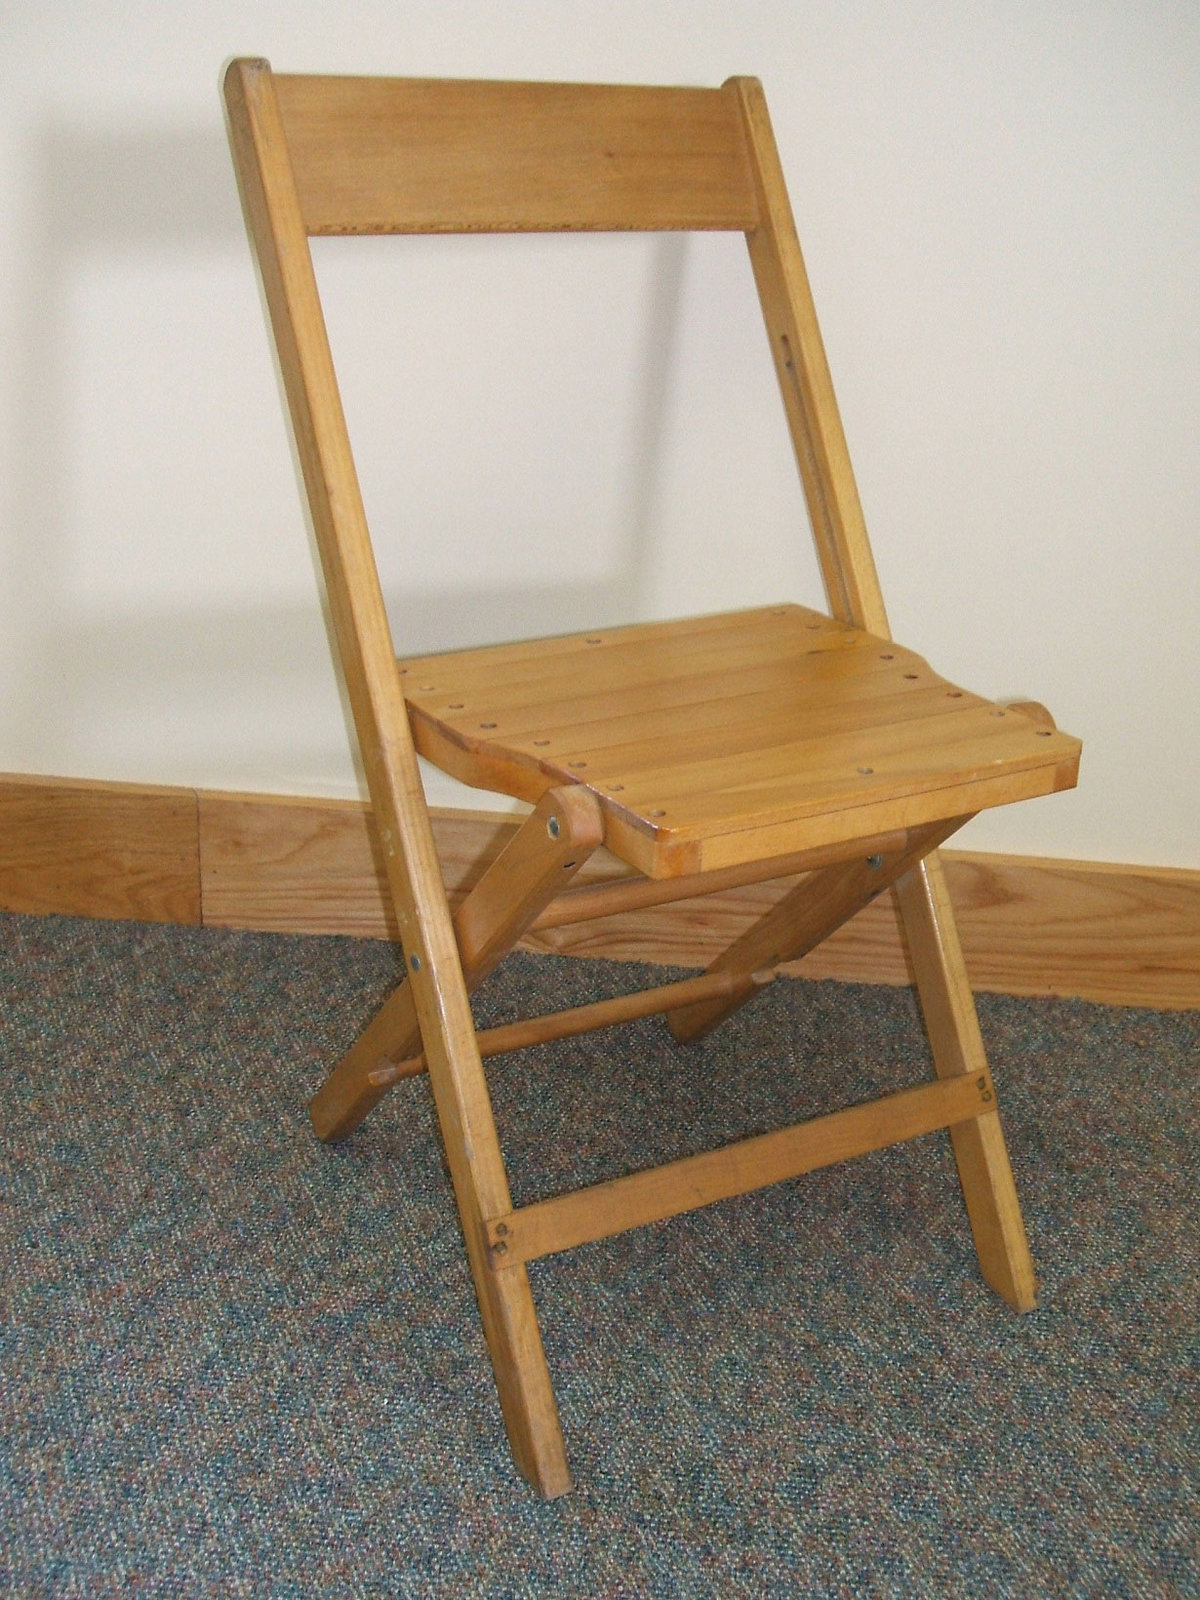 Фото раскладных стульев своими руками чертежи